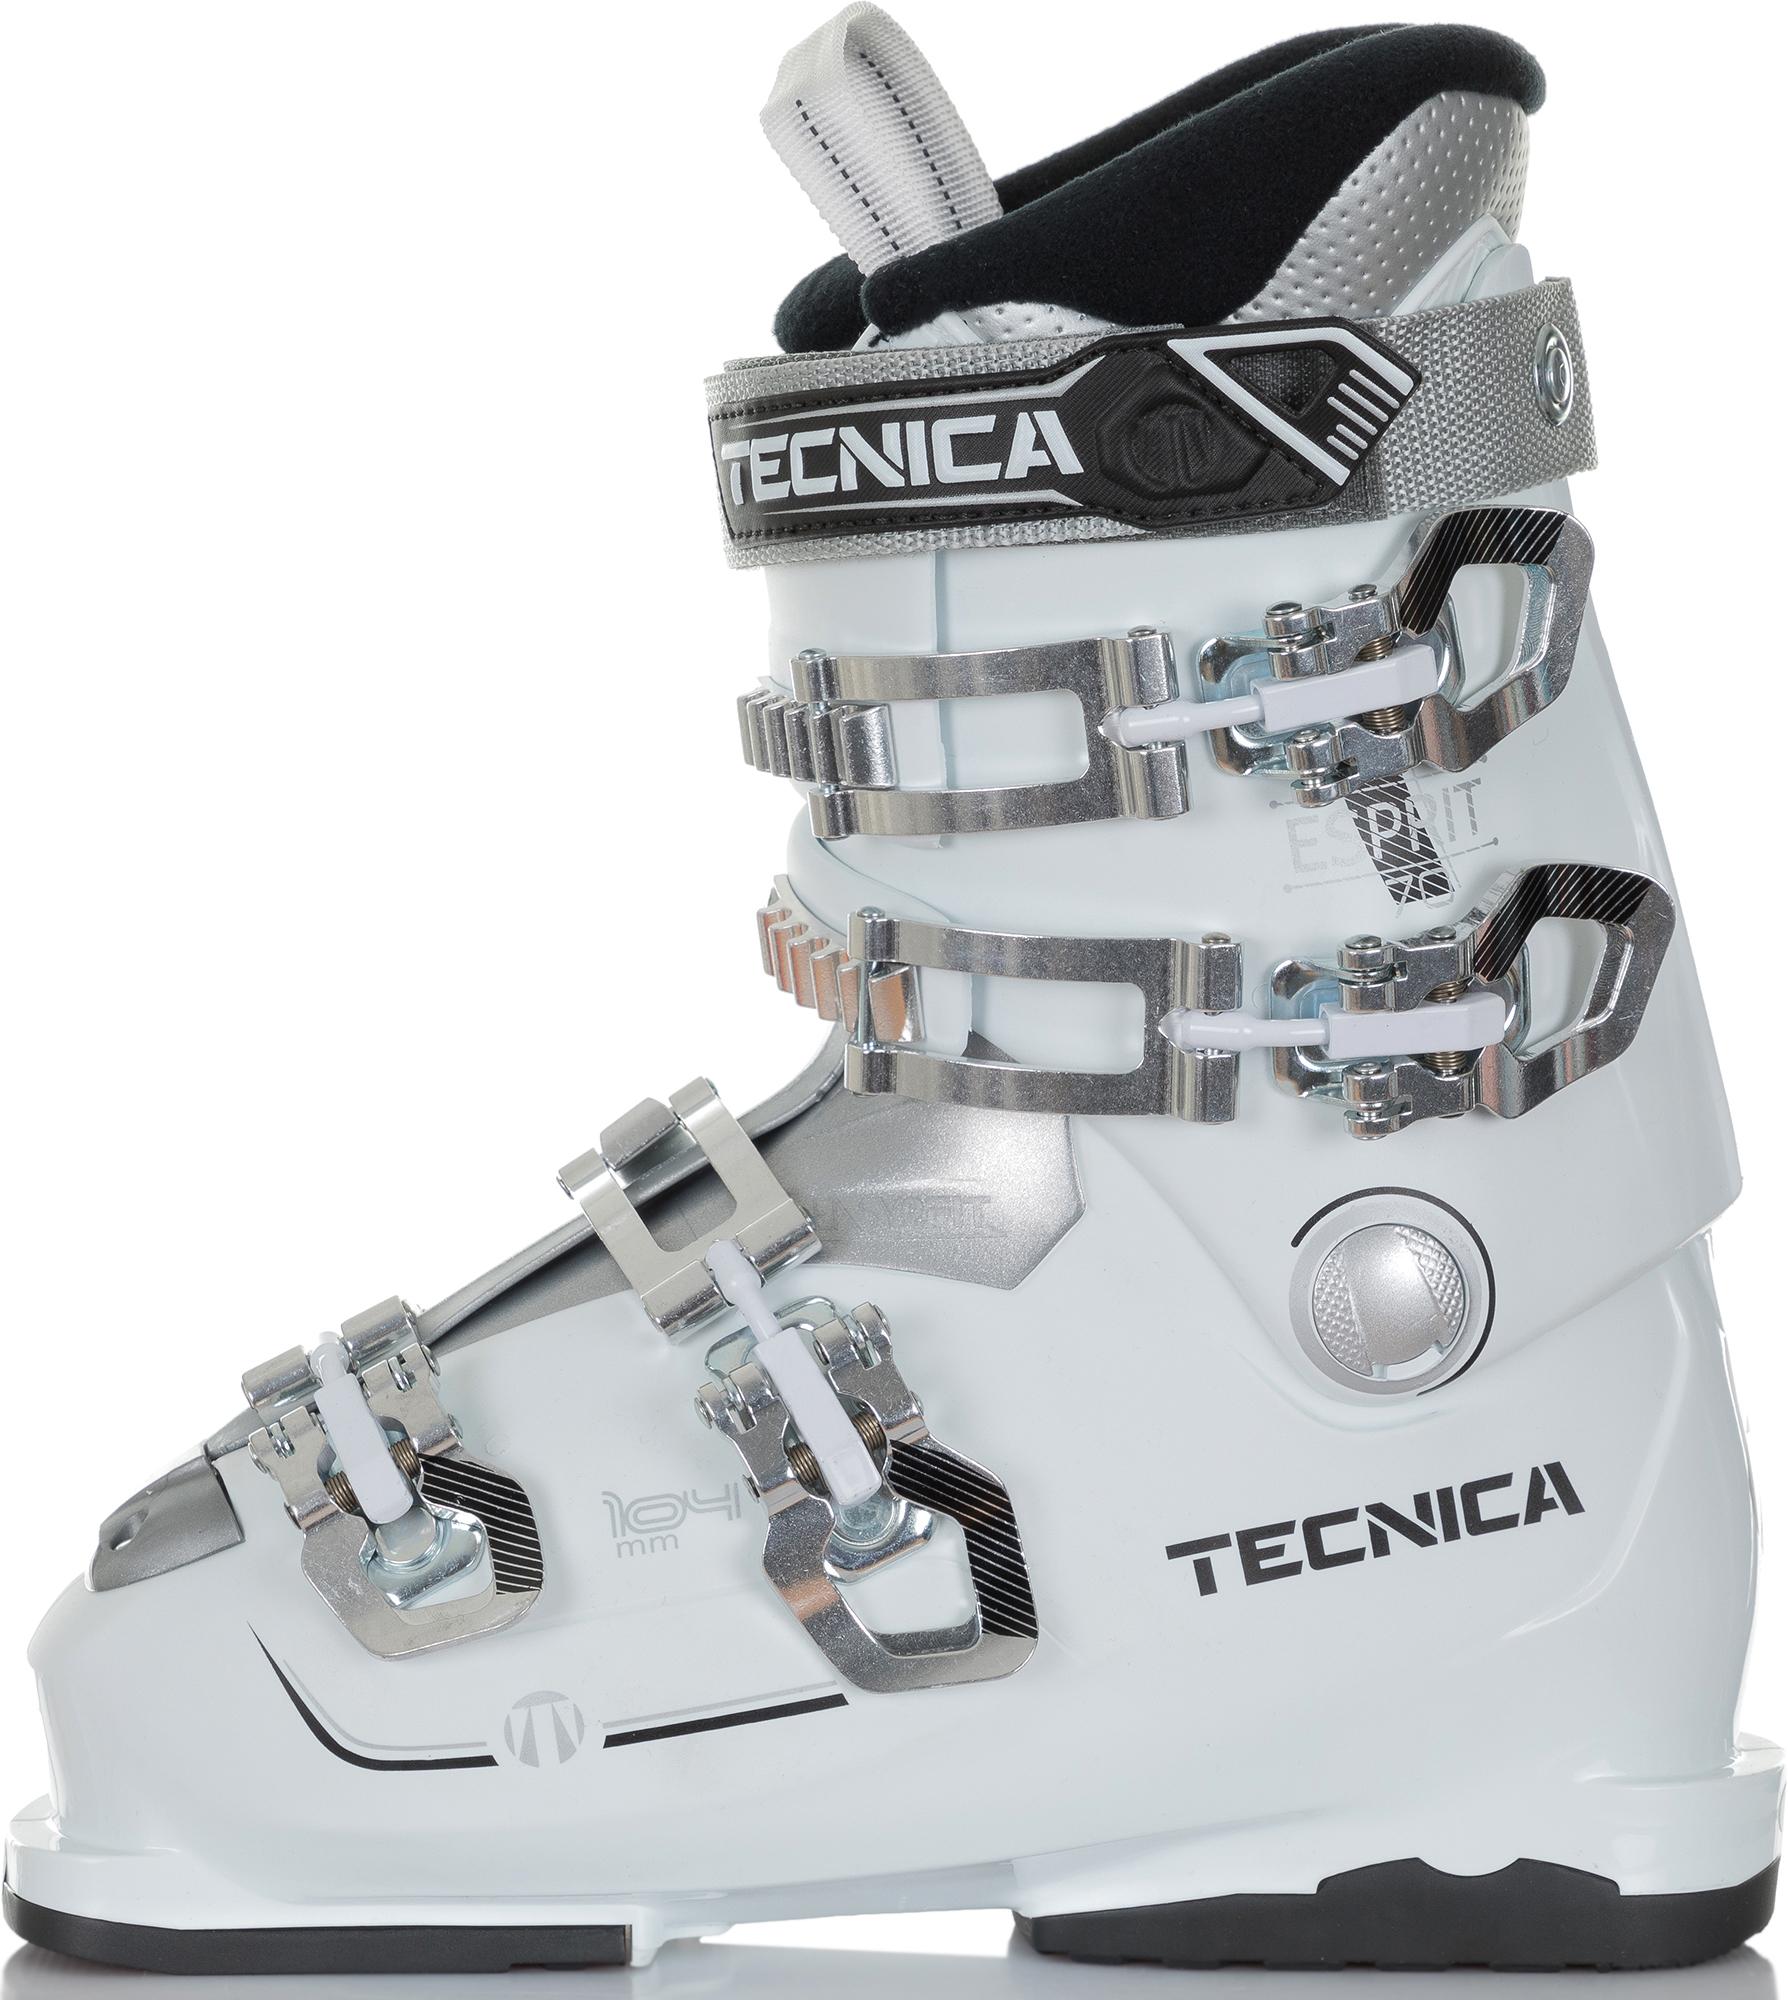 Tecnica Ботинки горнолыжные женские Esprit 70, размер 38